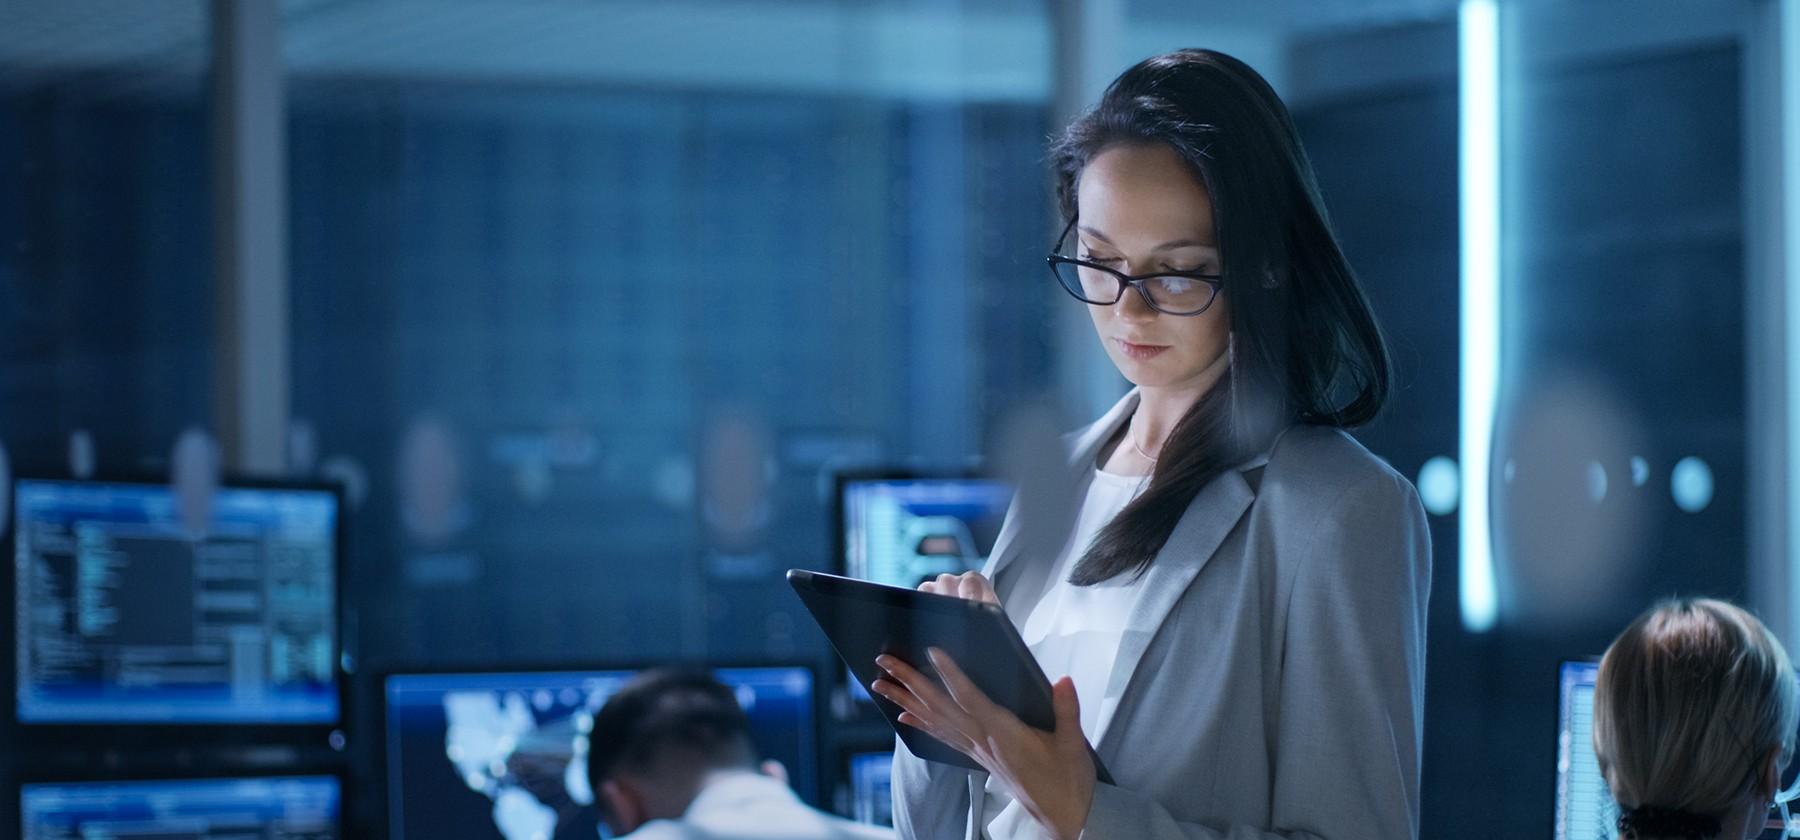 Sicurezza informatica, impianti di videosorveglianza e controllo accessi